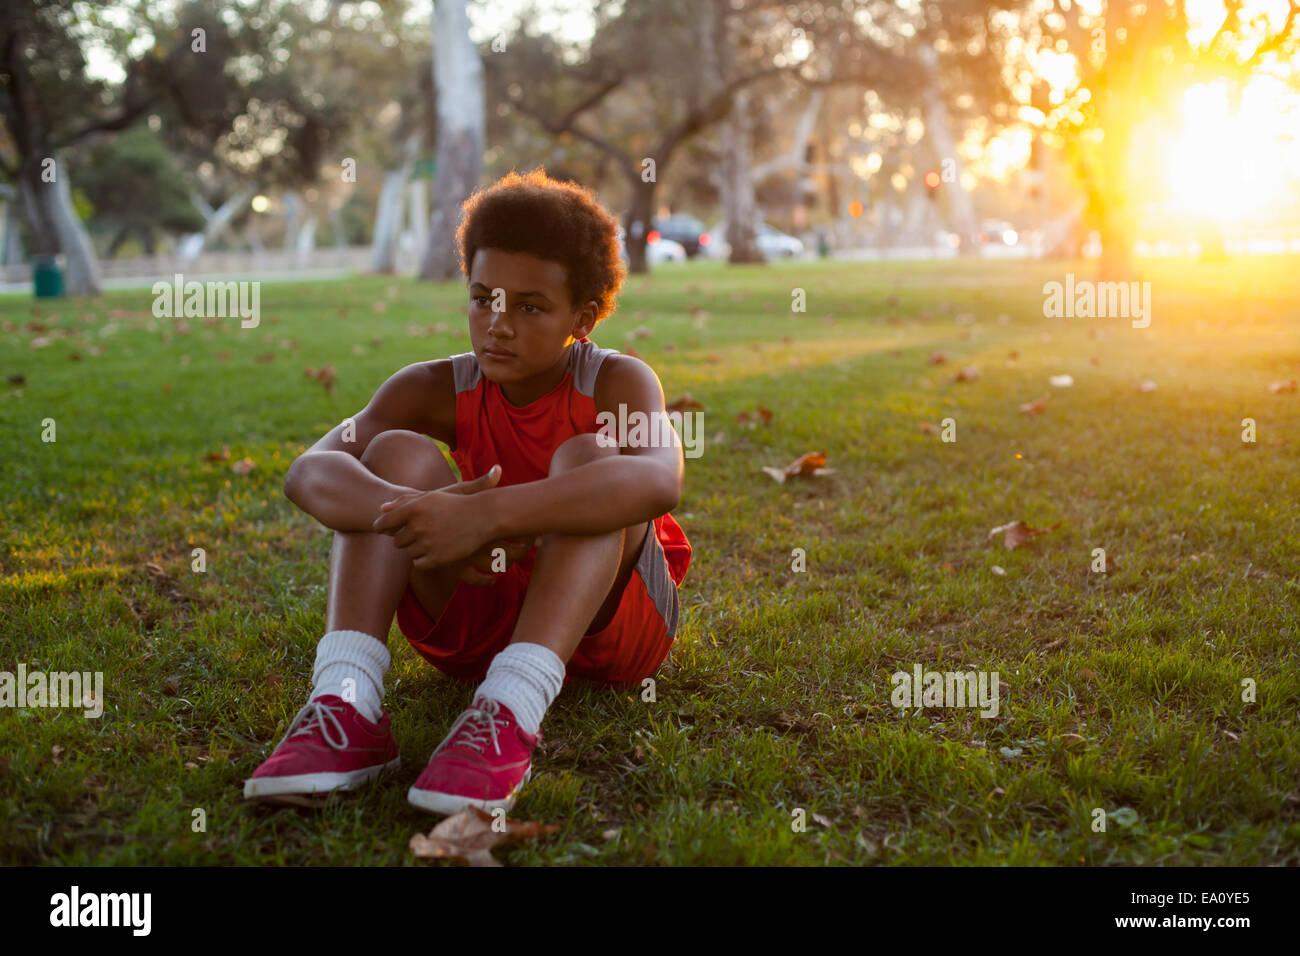 Triste cerca ragazzo seduto in posizione di parcheggio Immagini Stock